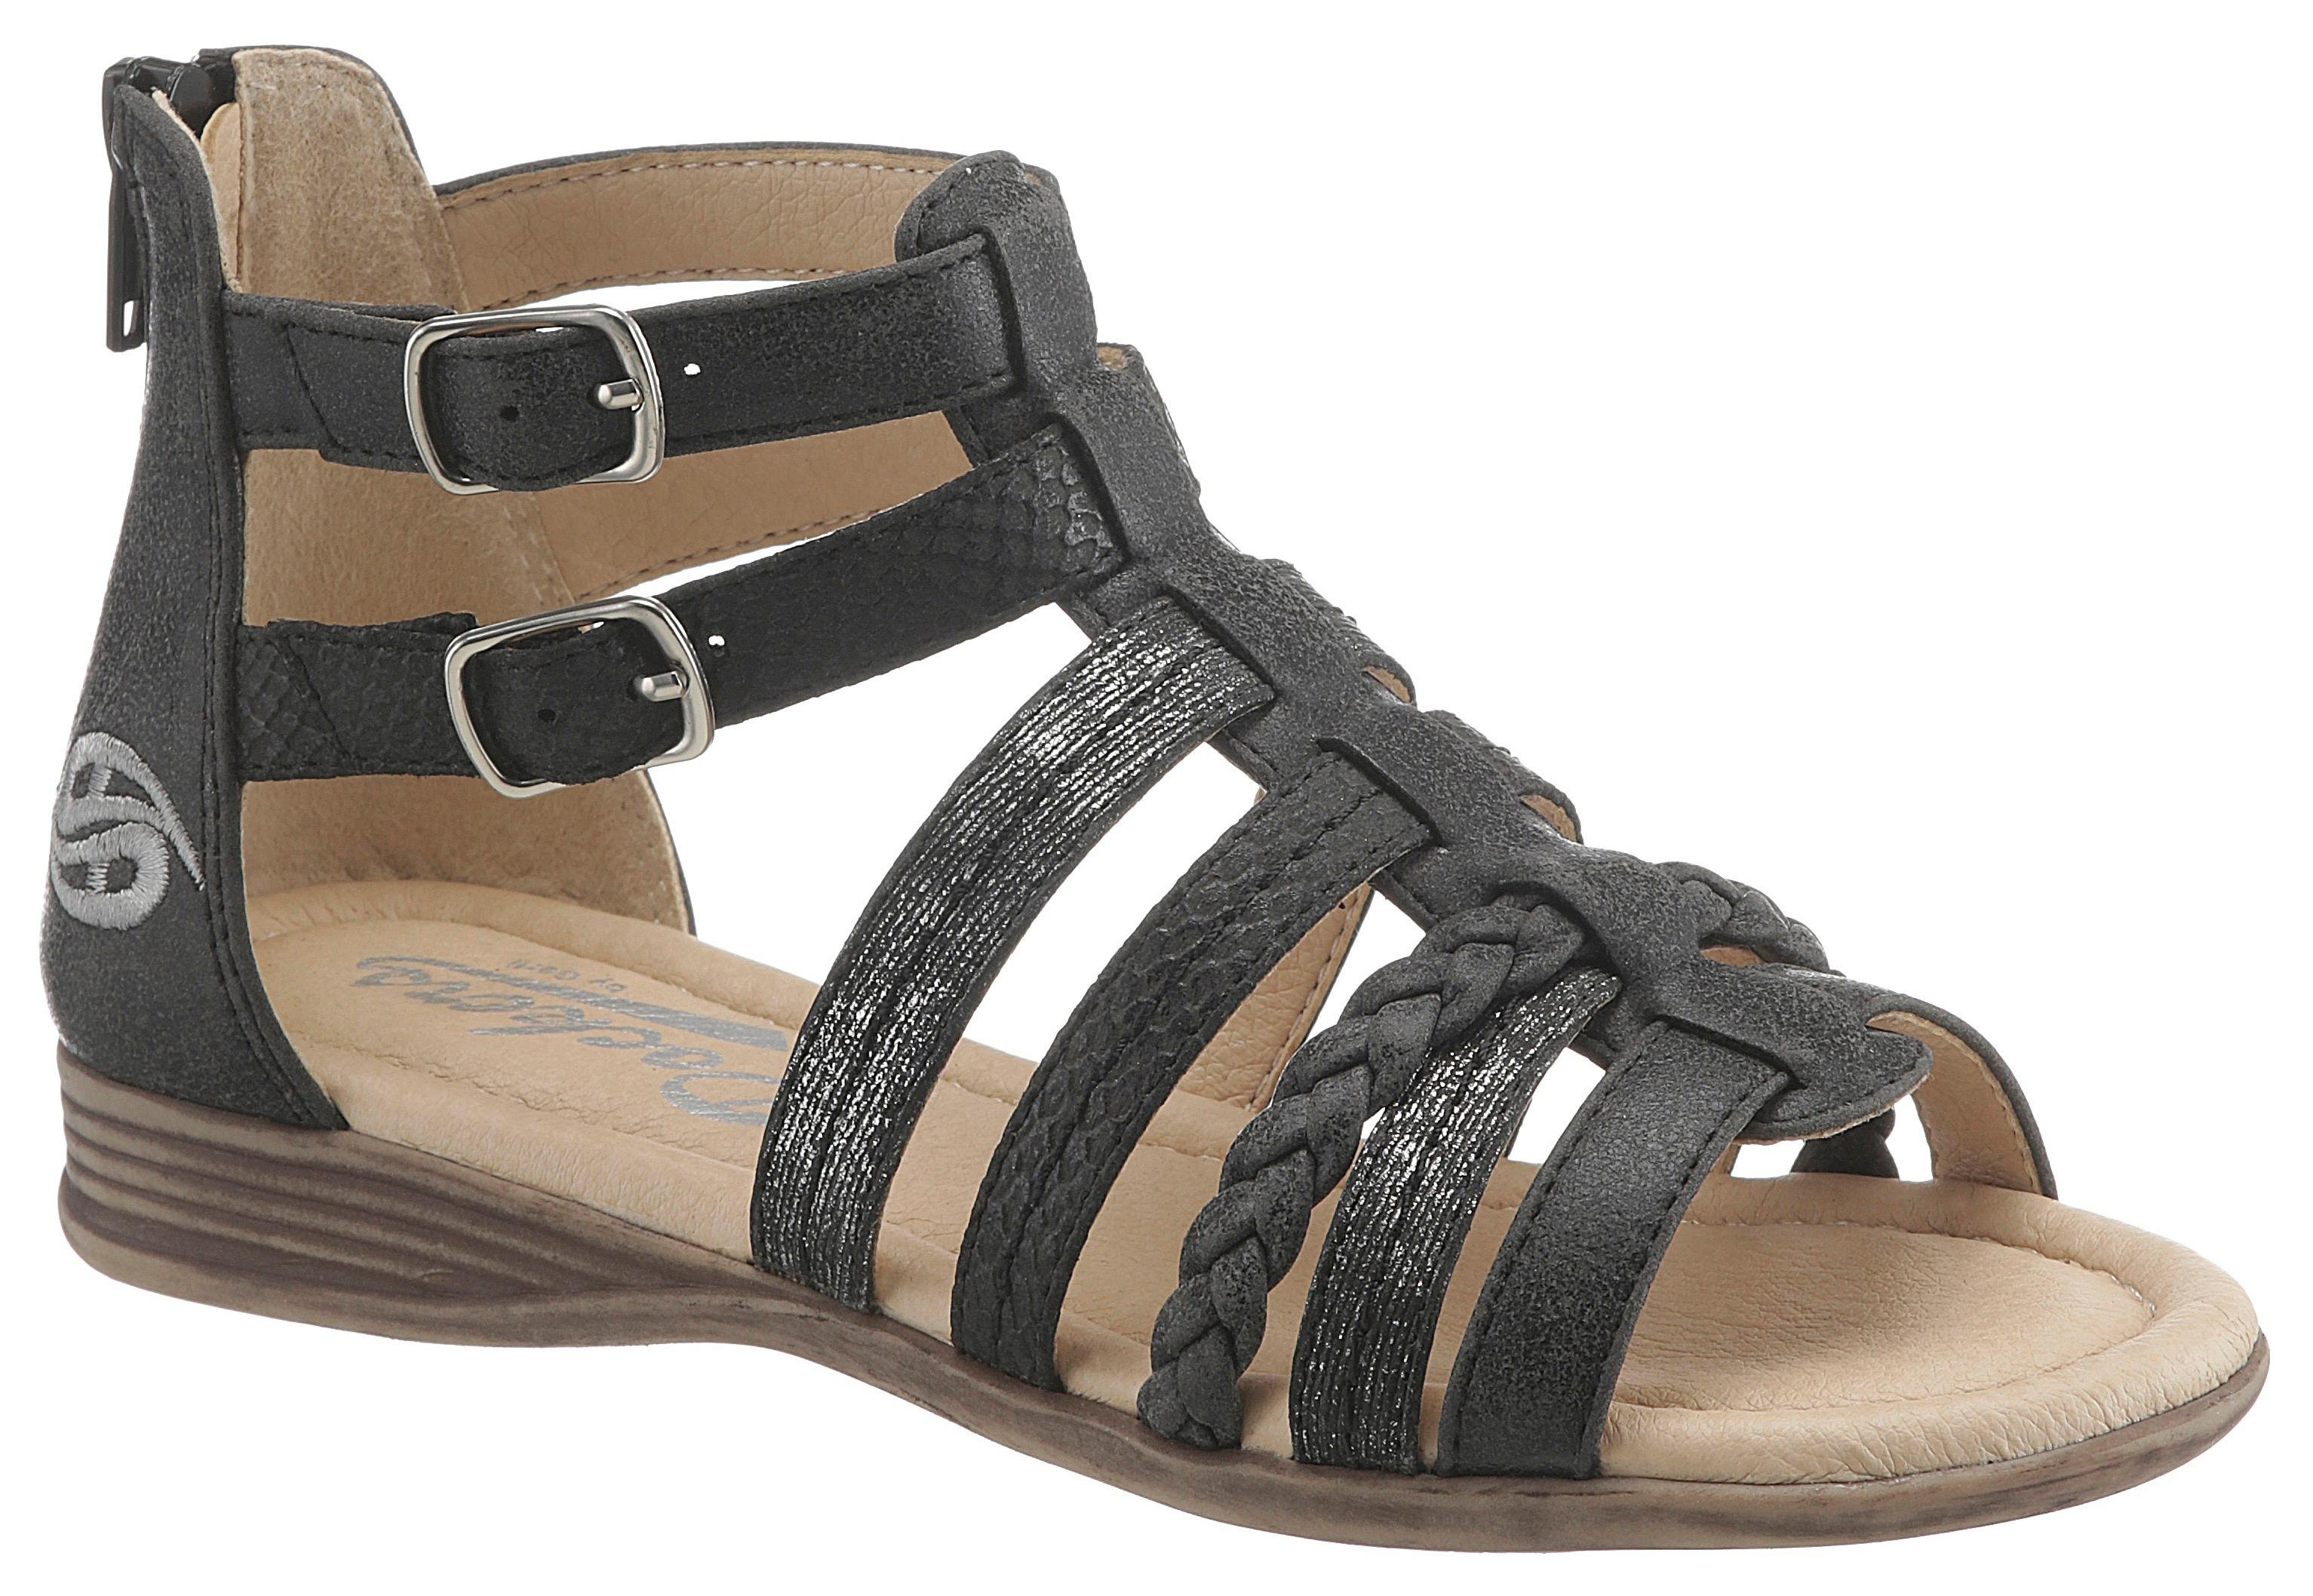 Dockers By Gerli romeinse sandalen - verschillende betaalmethodes